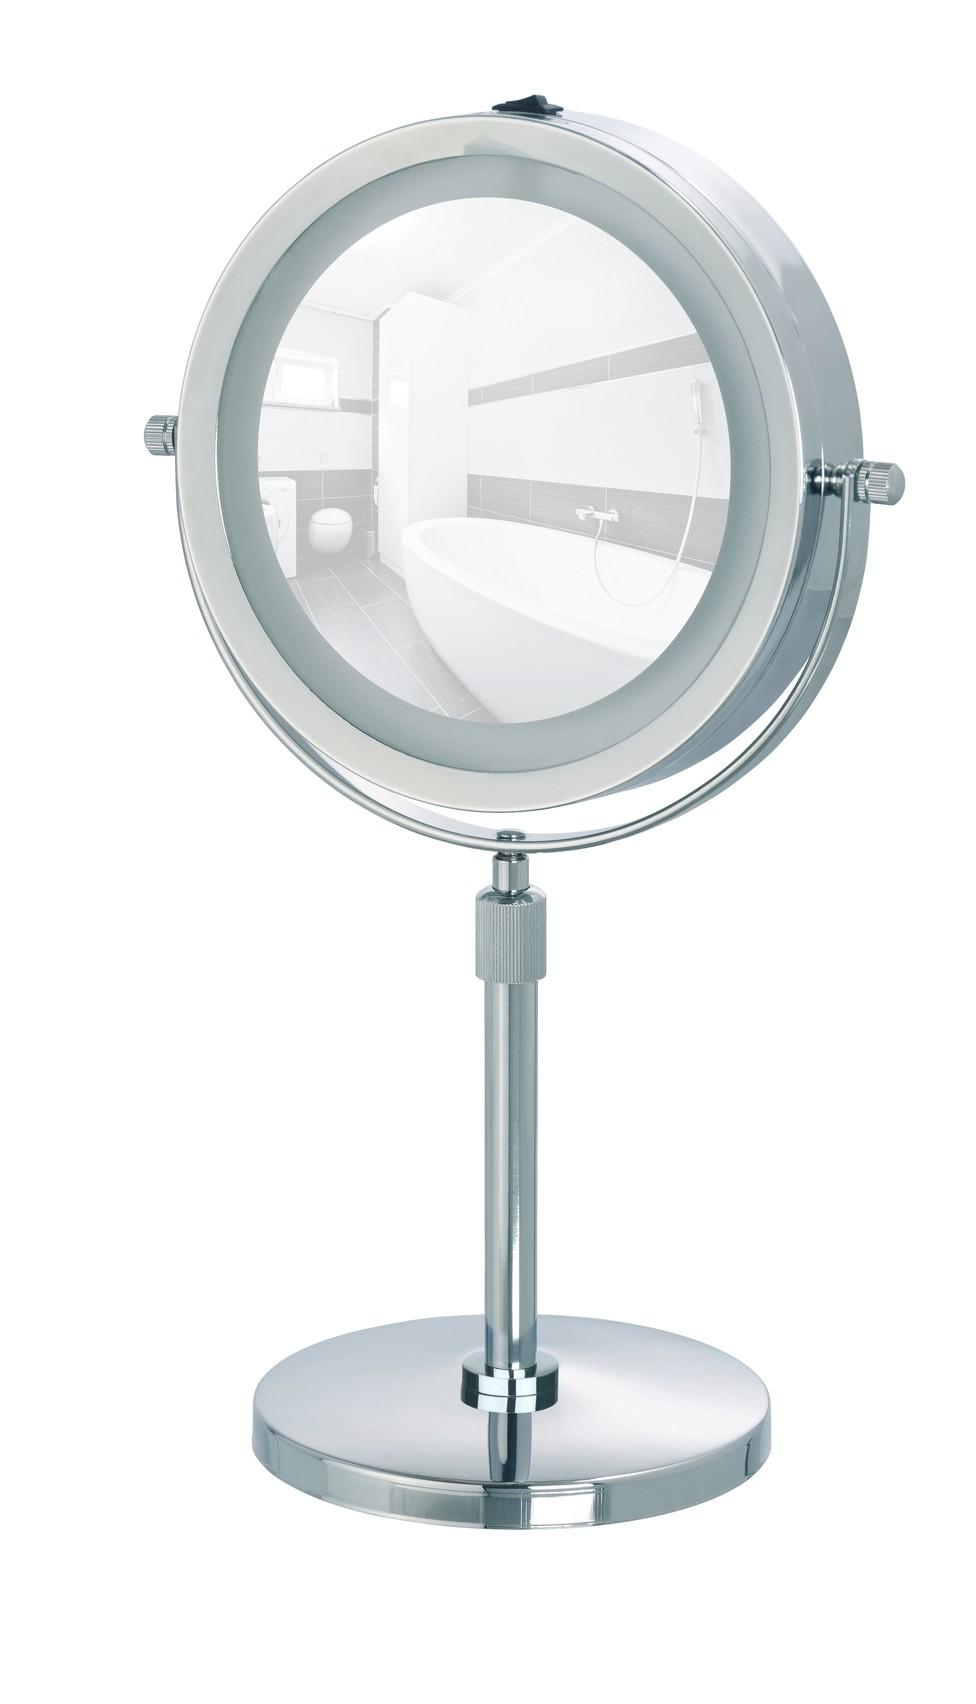 Wenko LED Kosmetikspiegel Lumi, Standspiegel, 5-fach Vergrößerung